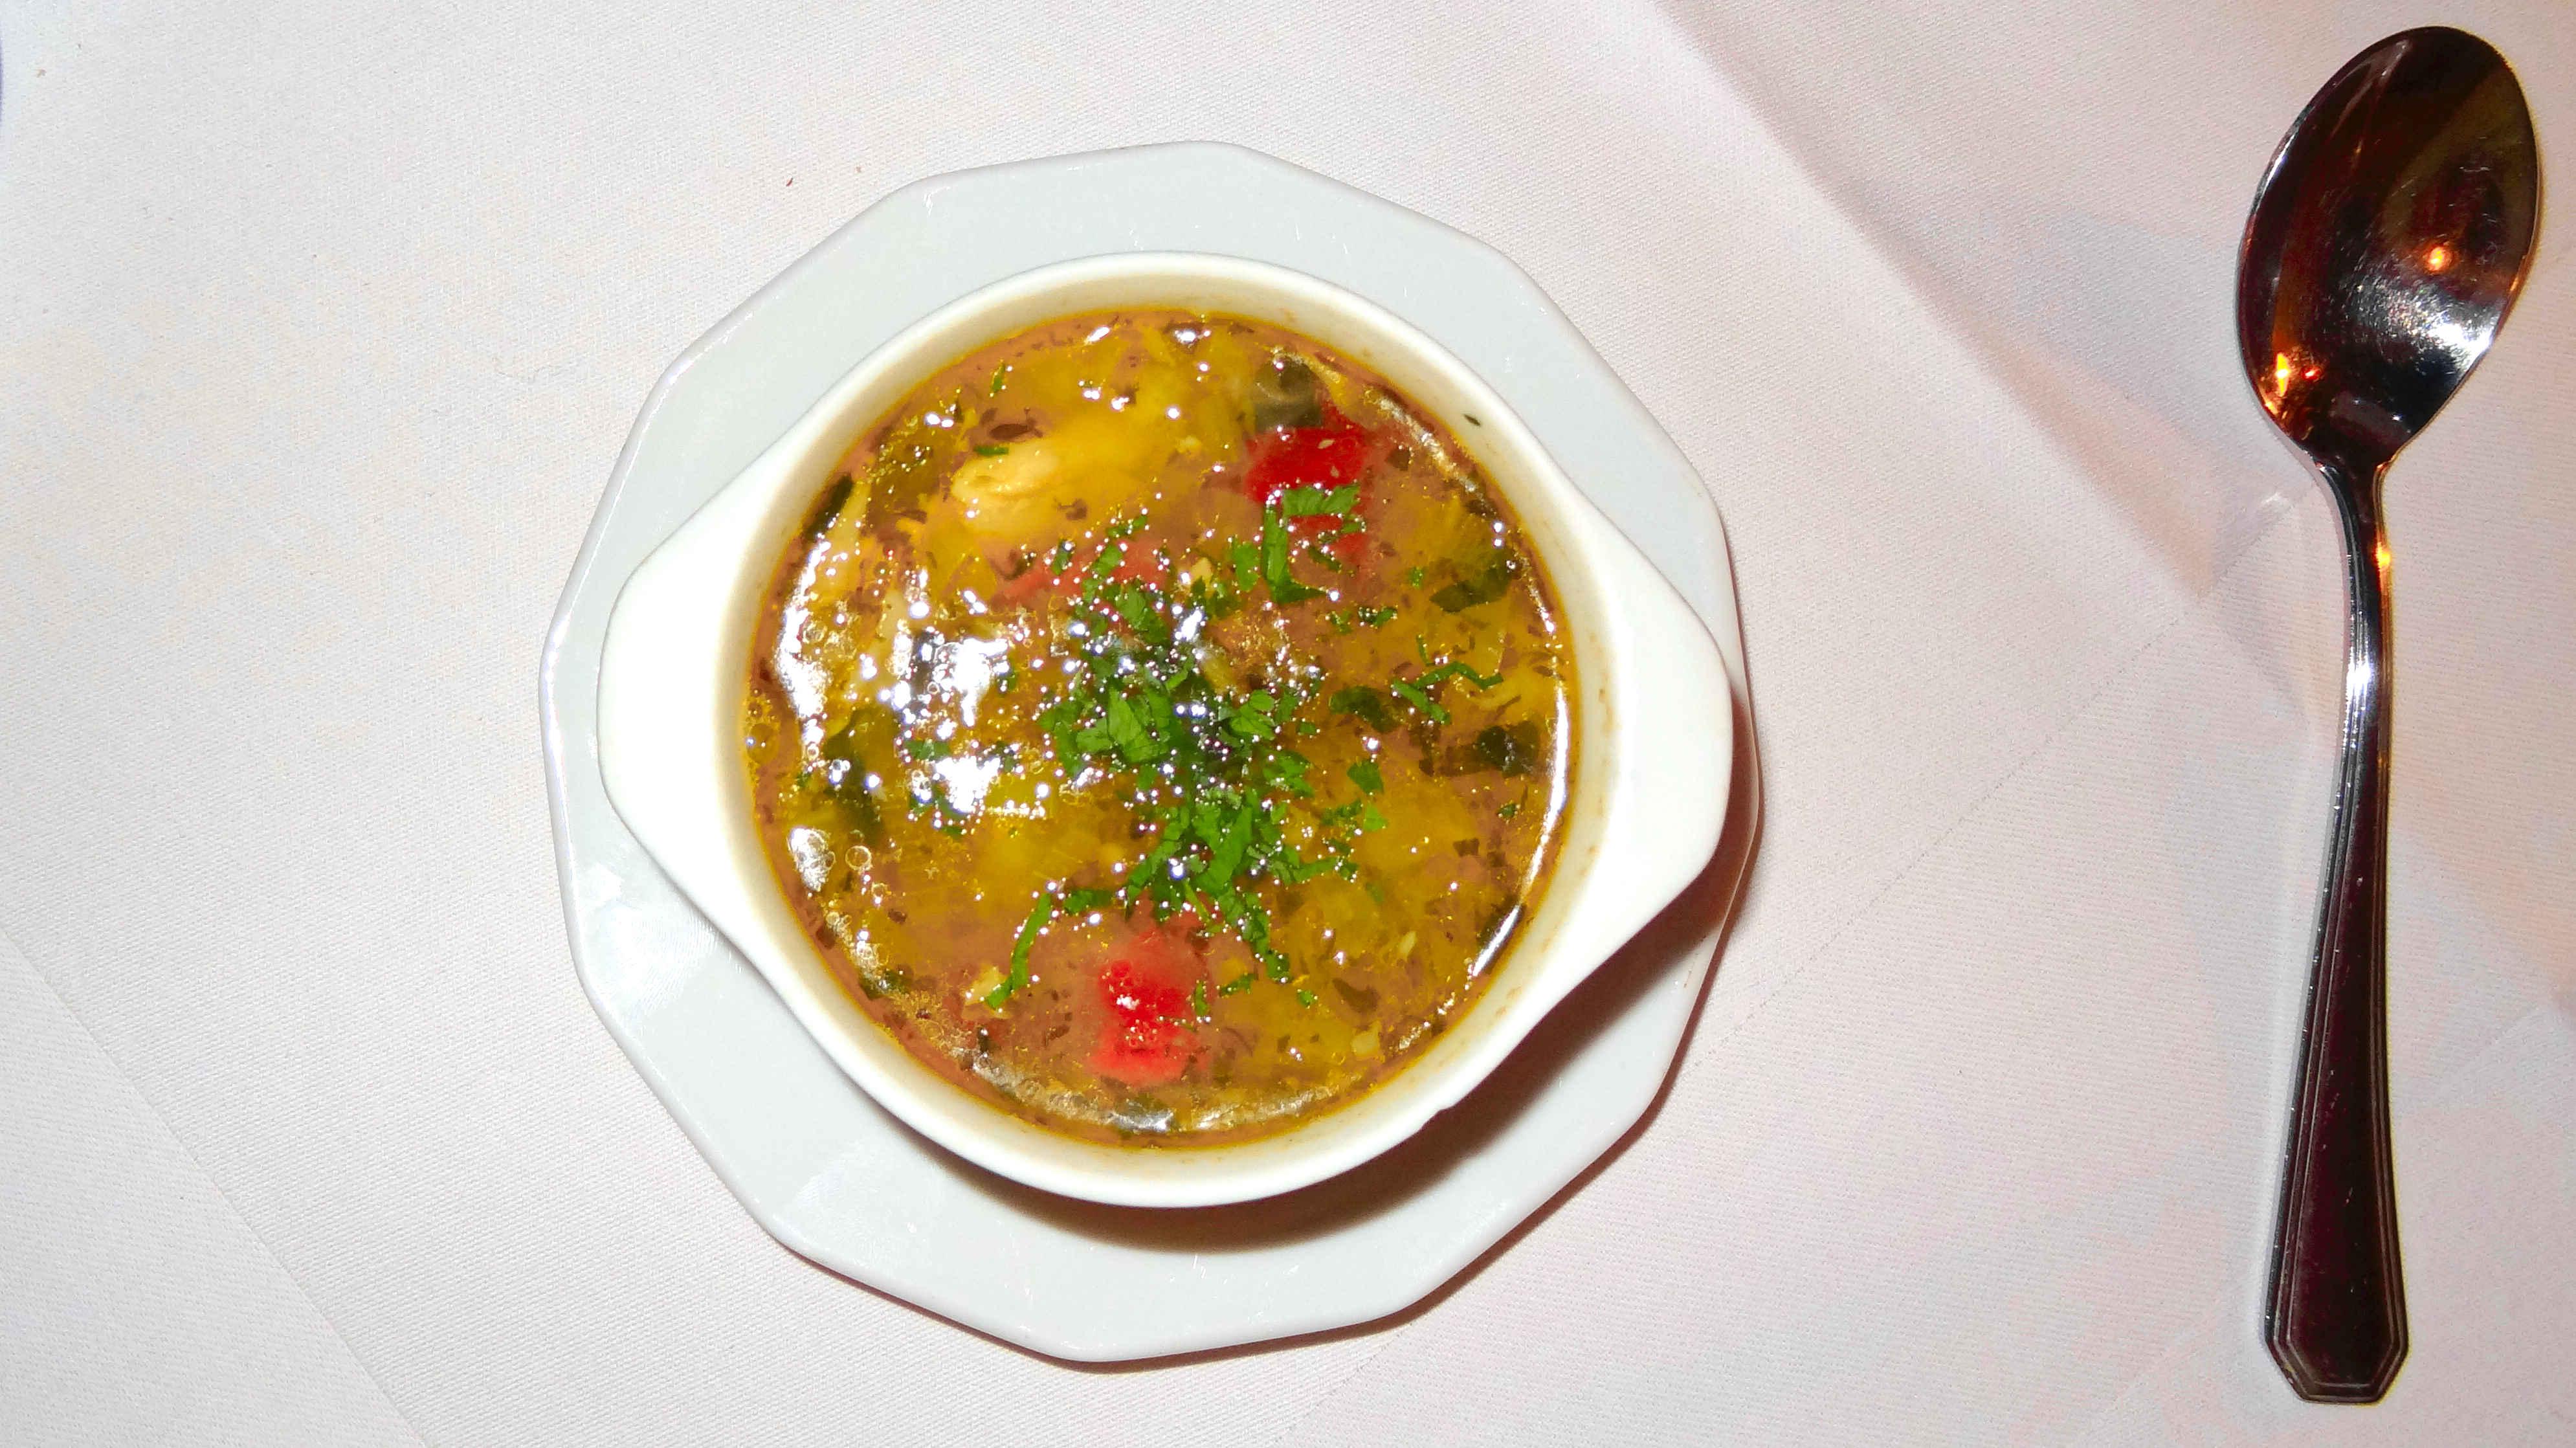 restauracja włoska we wrocławiu restauracja la scala we Wrocławiu w rynku kolacja we włoskim stylu angellovesdreams minestrone